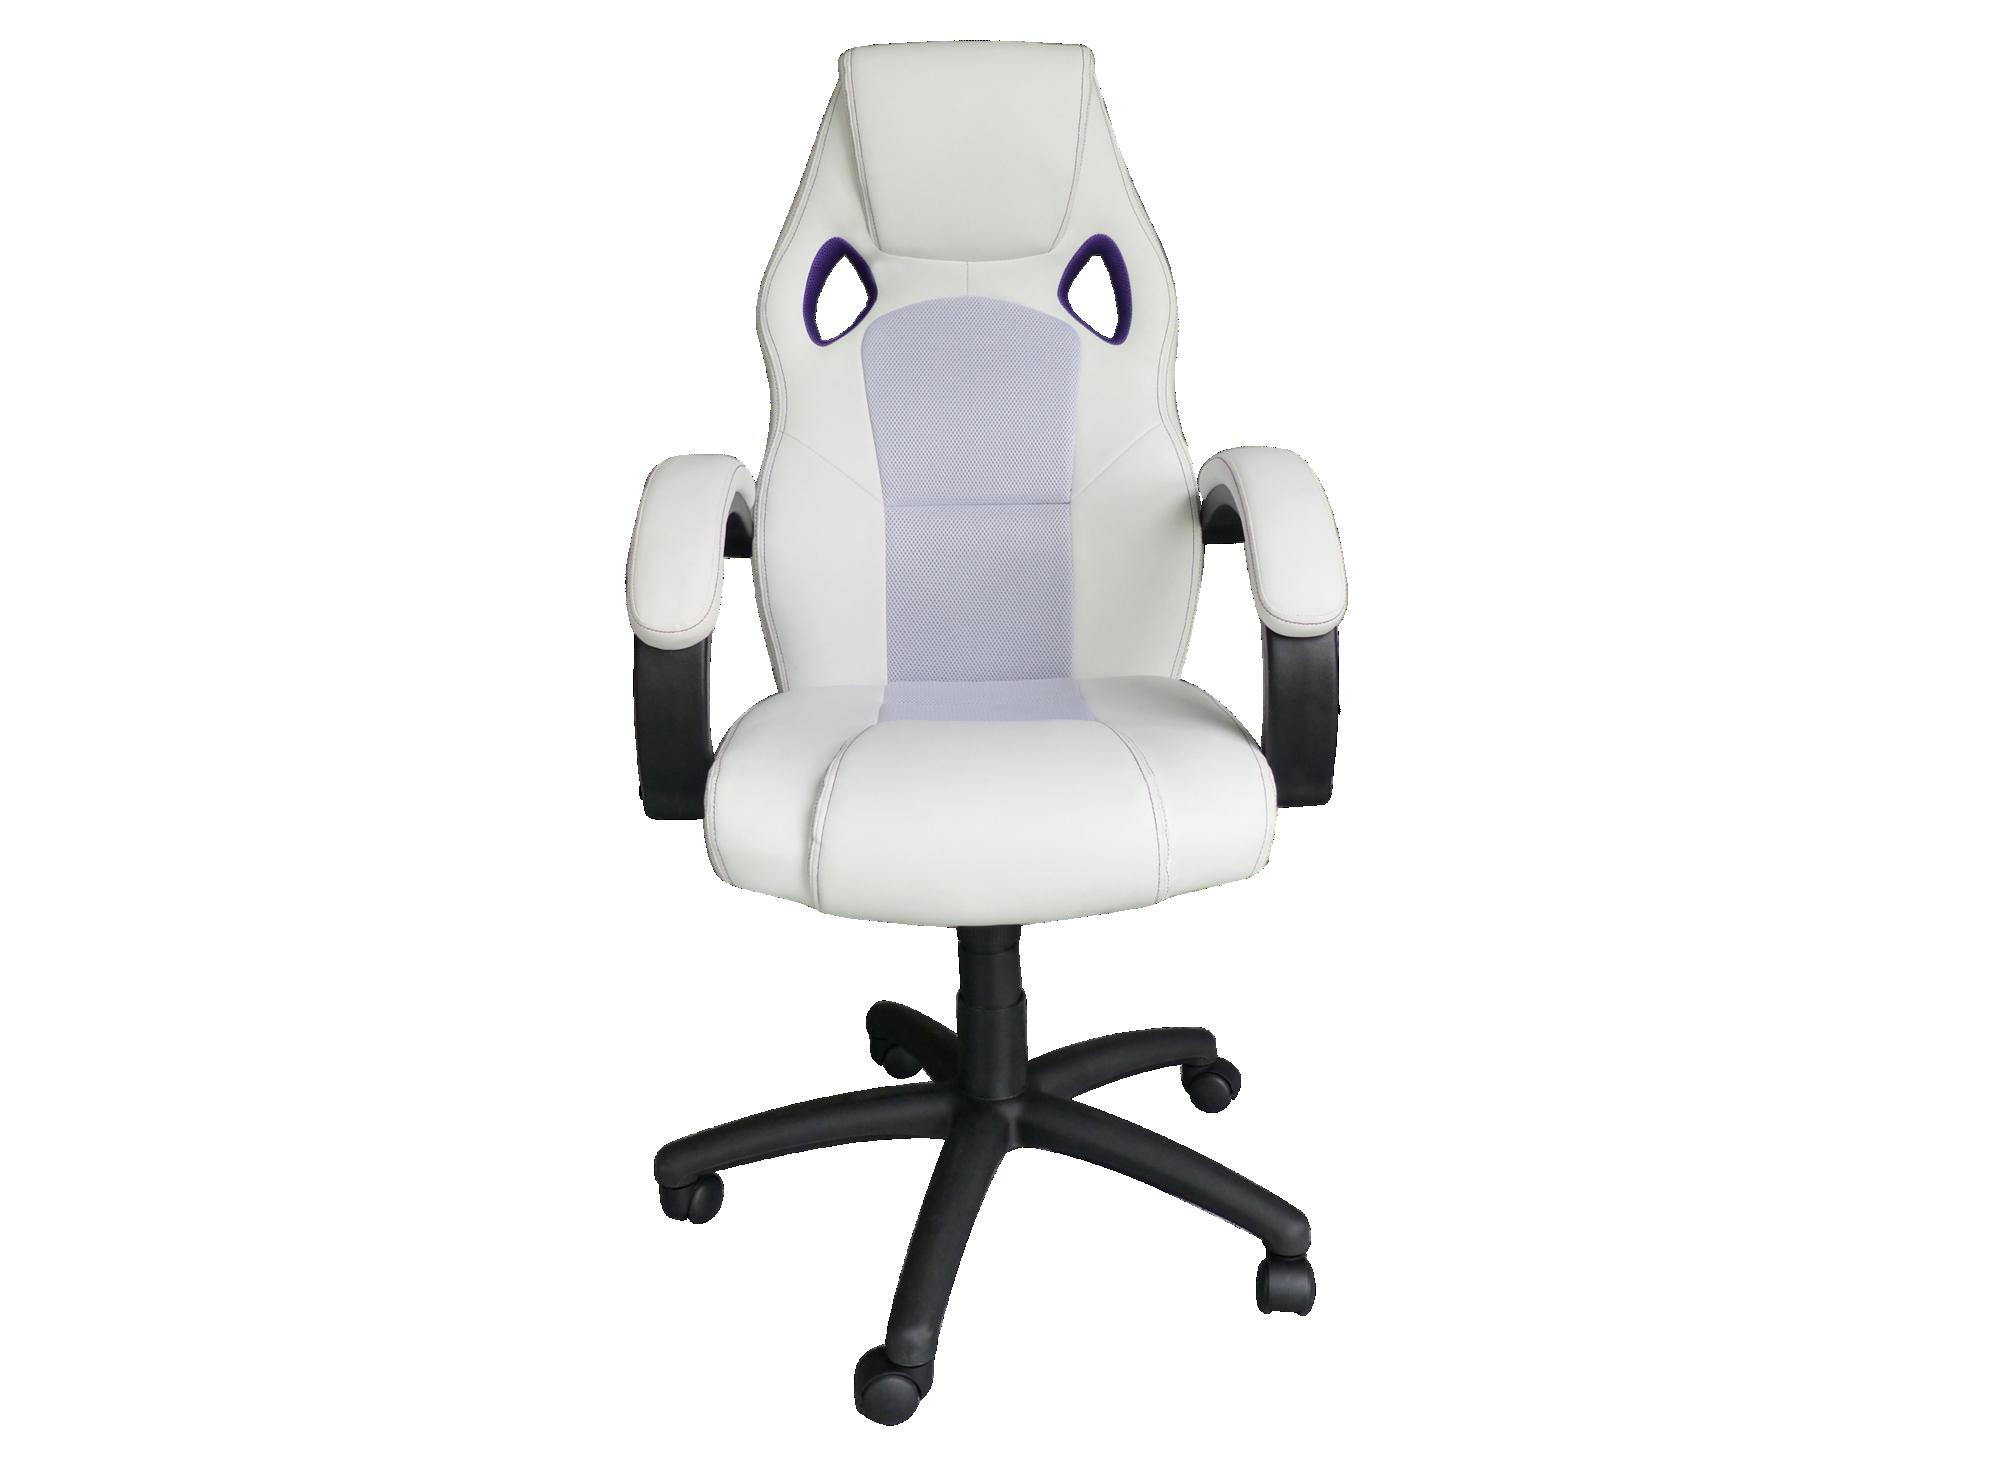 fauteuil de bureau blanc violet fly. Black Bedroom Furniture Sets. Home Design Ideas